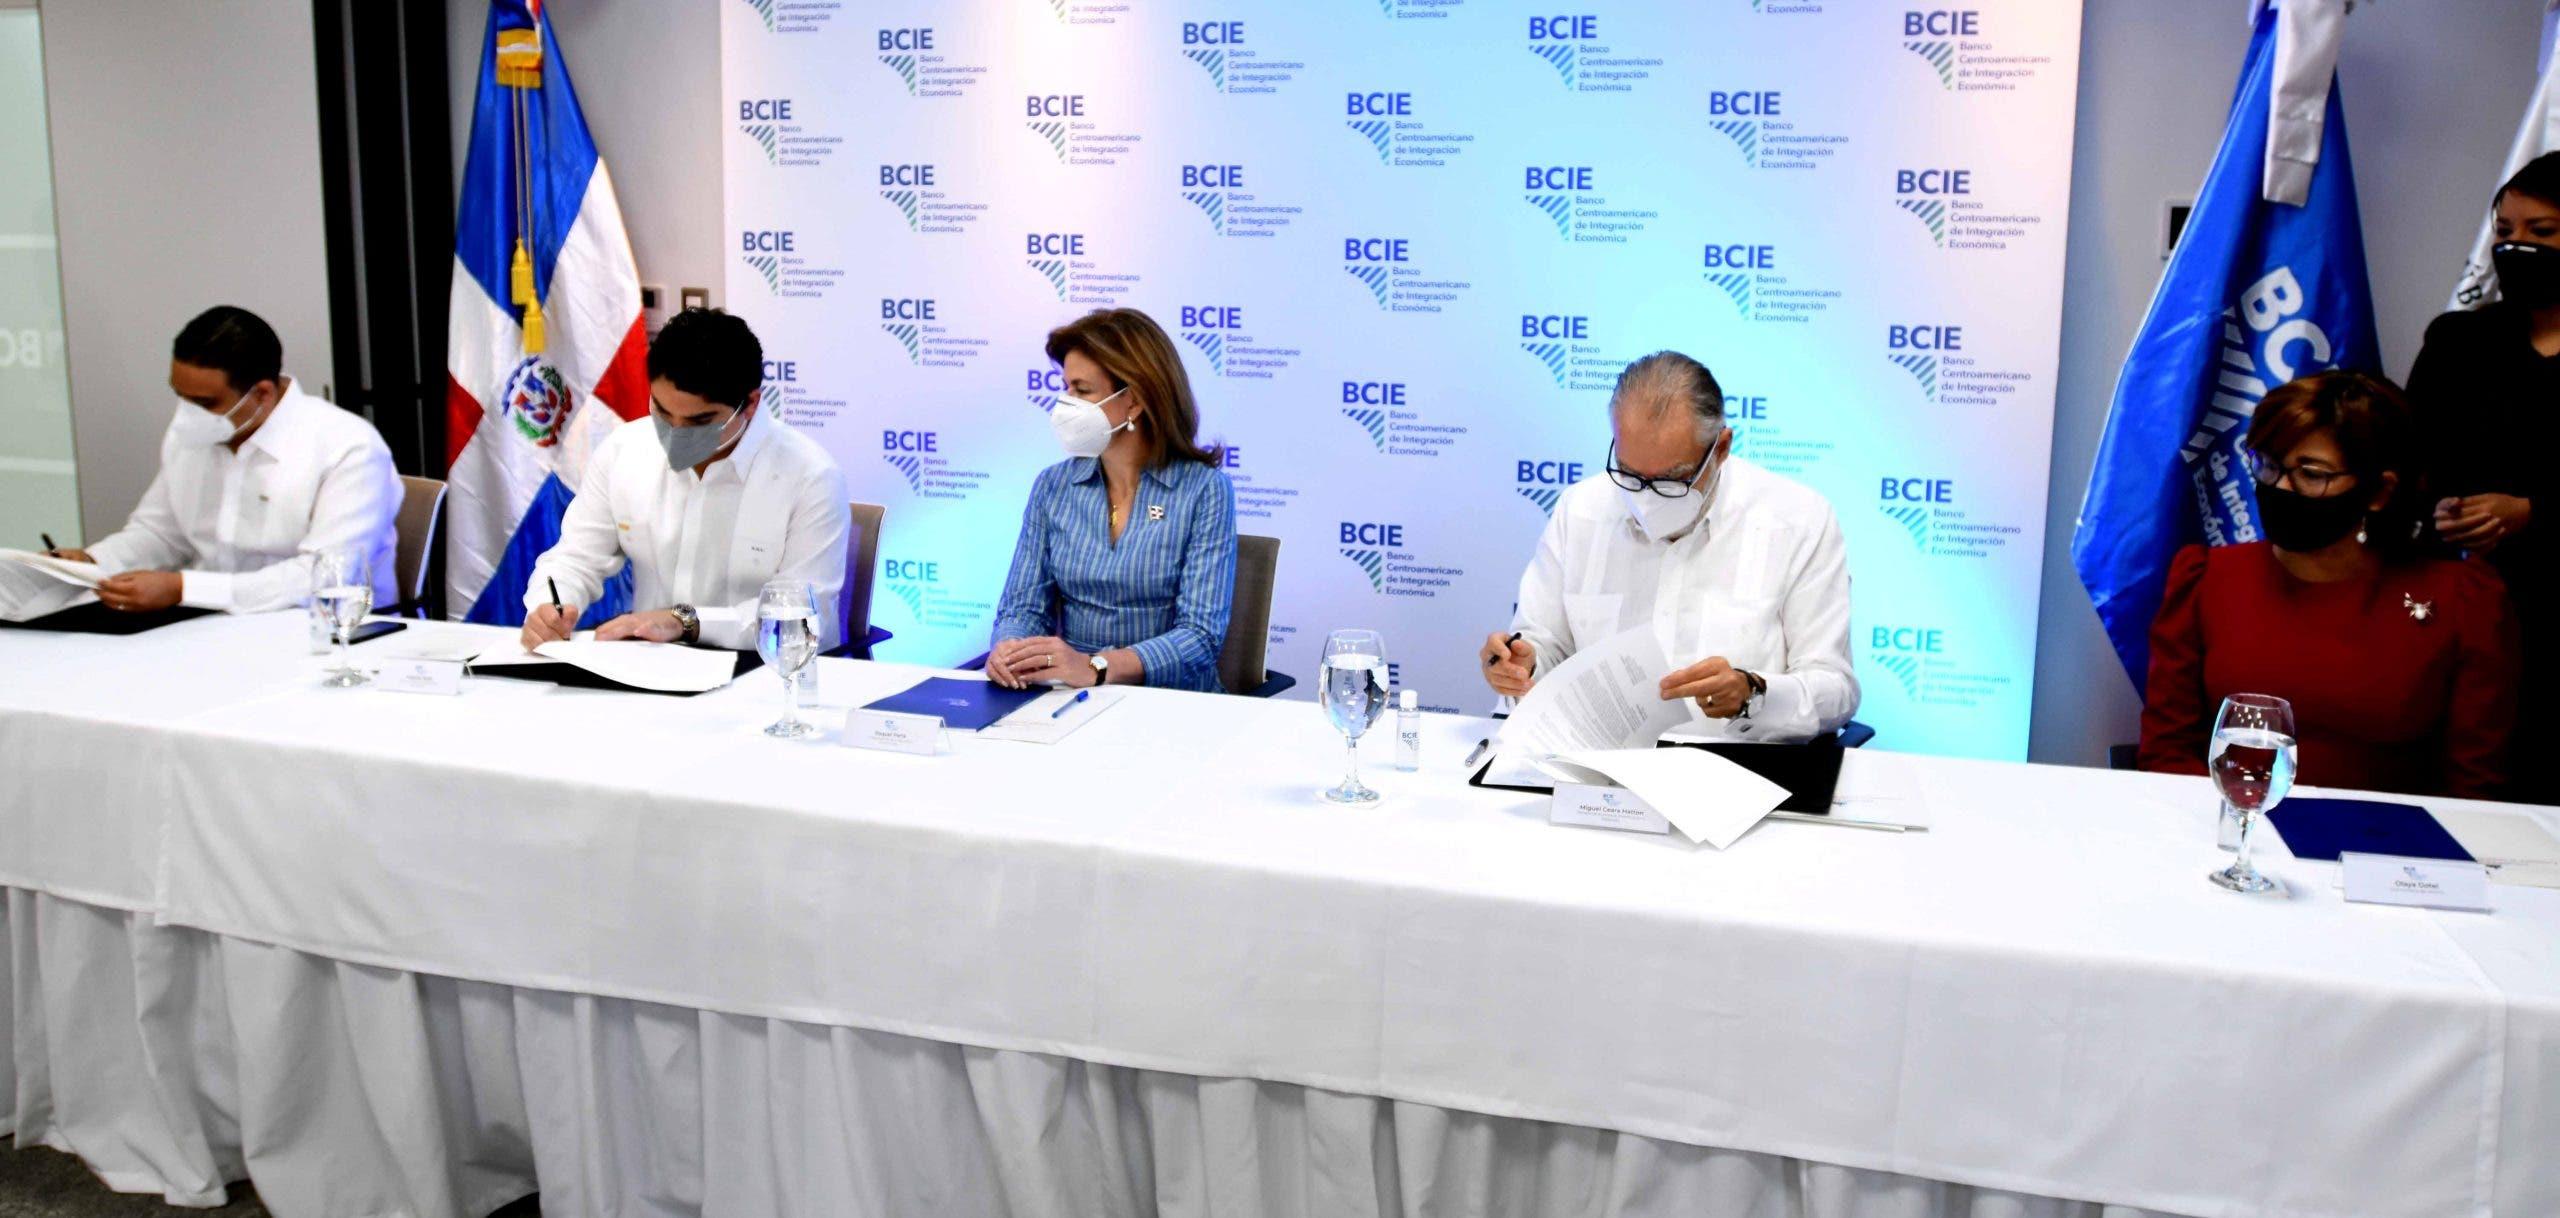 BCIE aumenta donación a US$2.4 millones para enfrentar la Covid-19 en RD